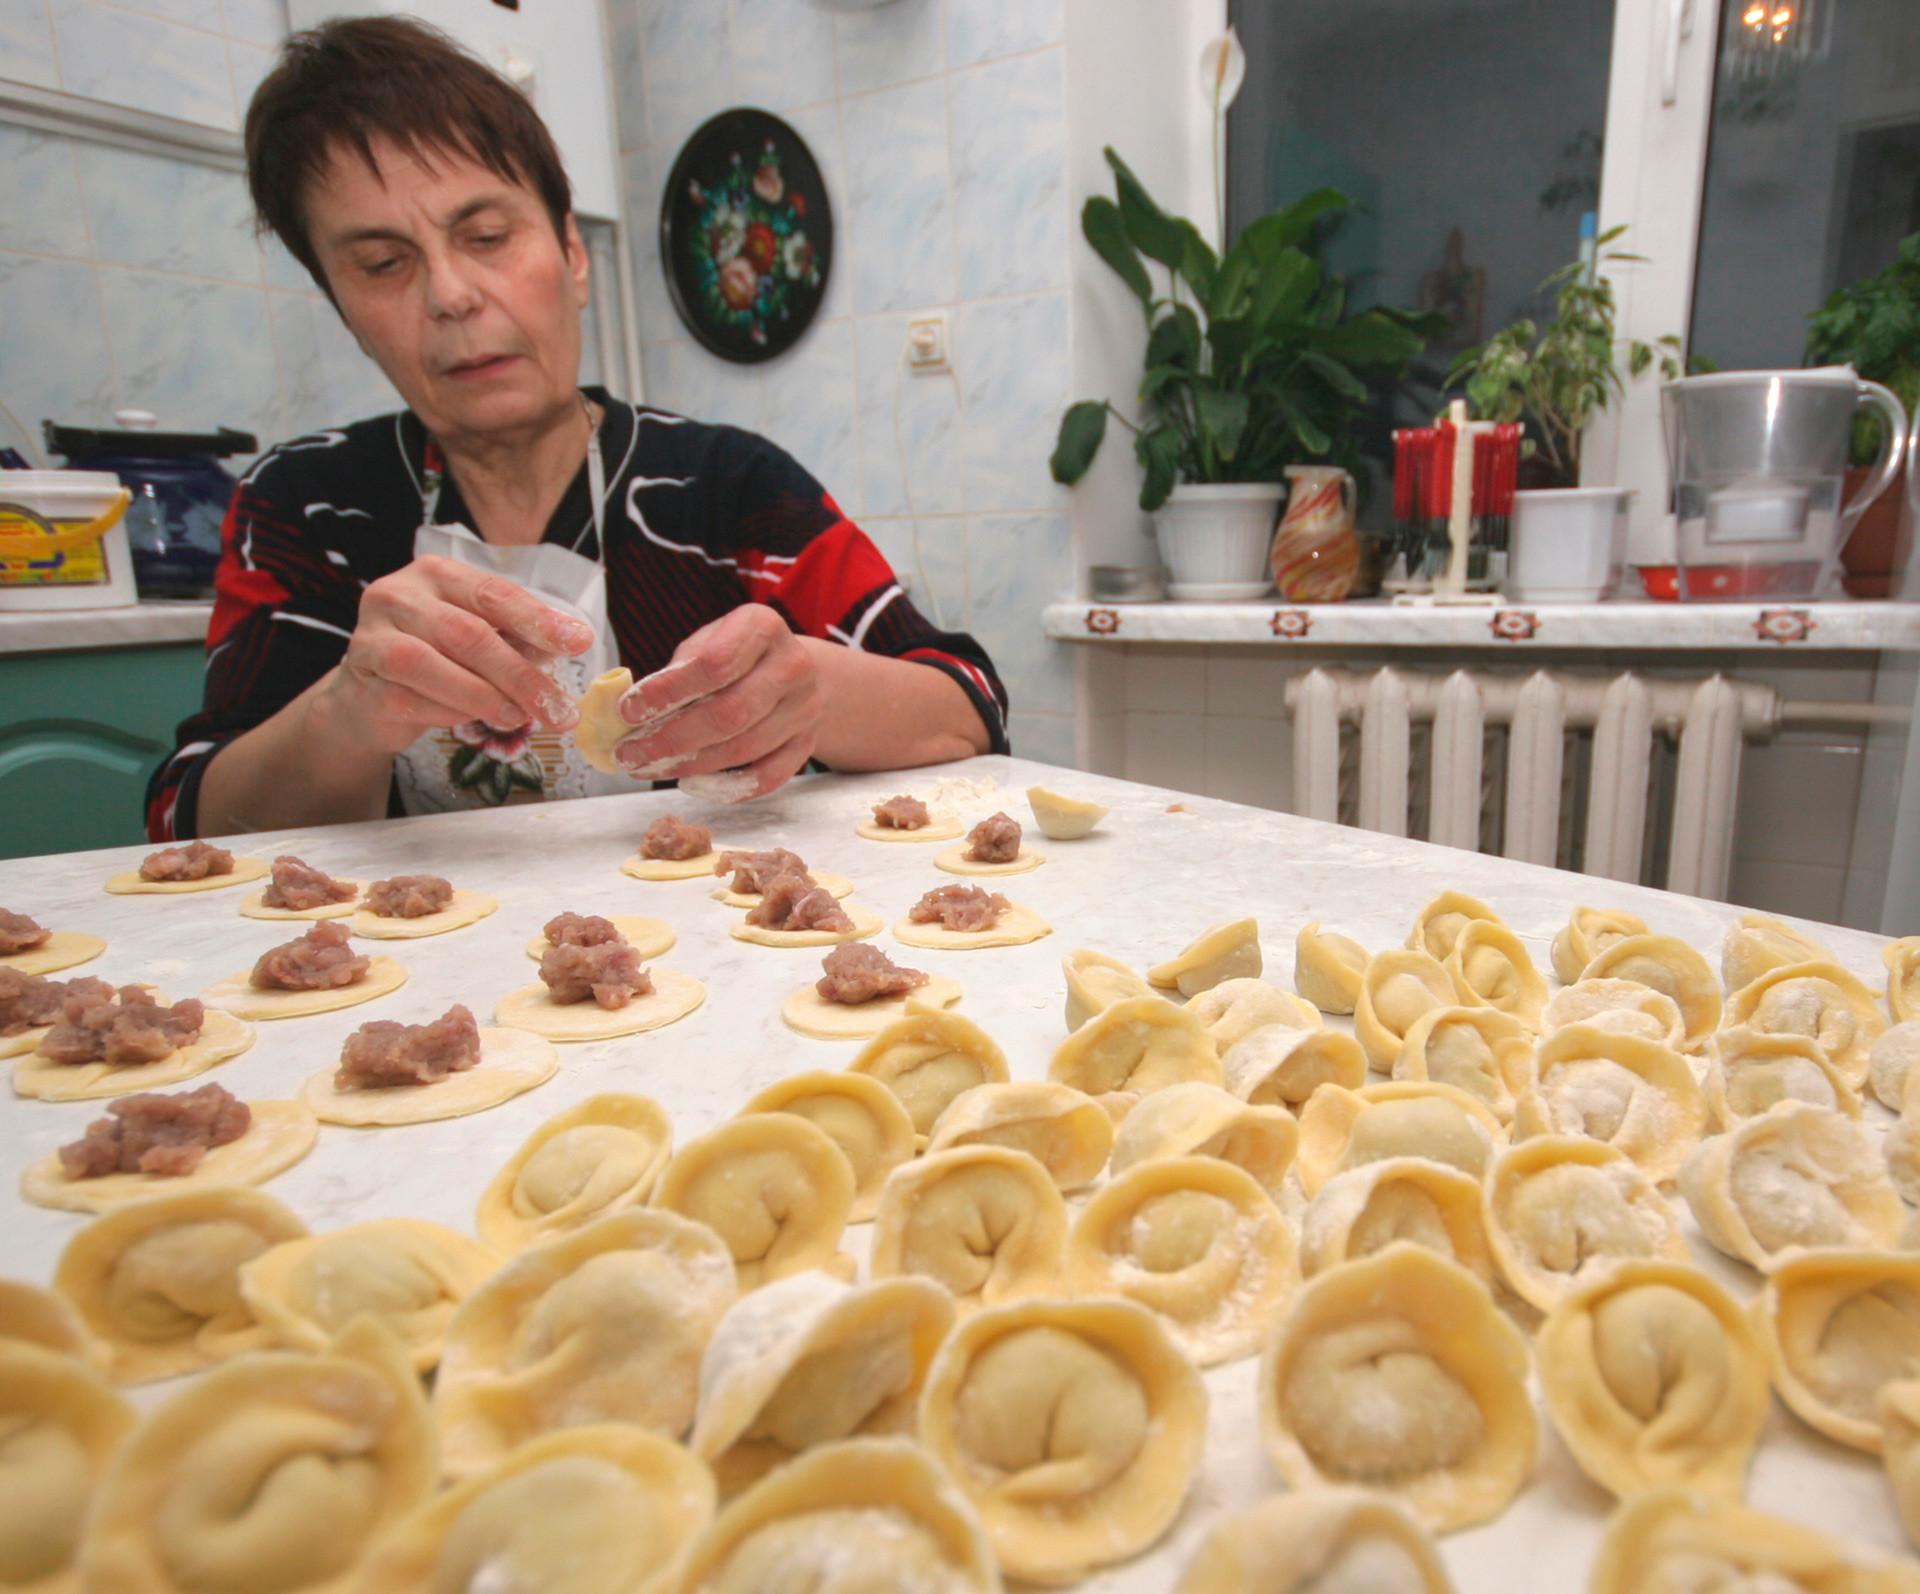 ロシア料理とは時間のかかるもので、忙しい現代人にはあまり向いていない。